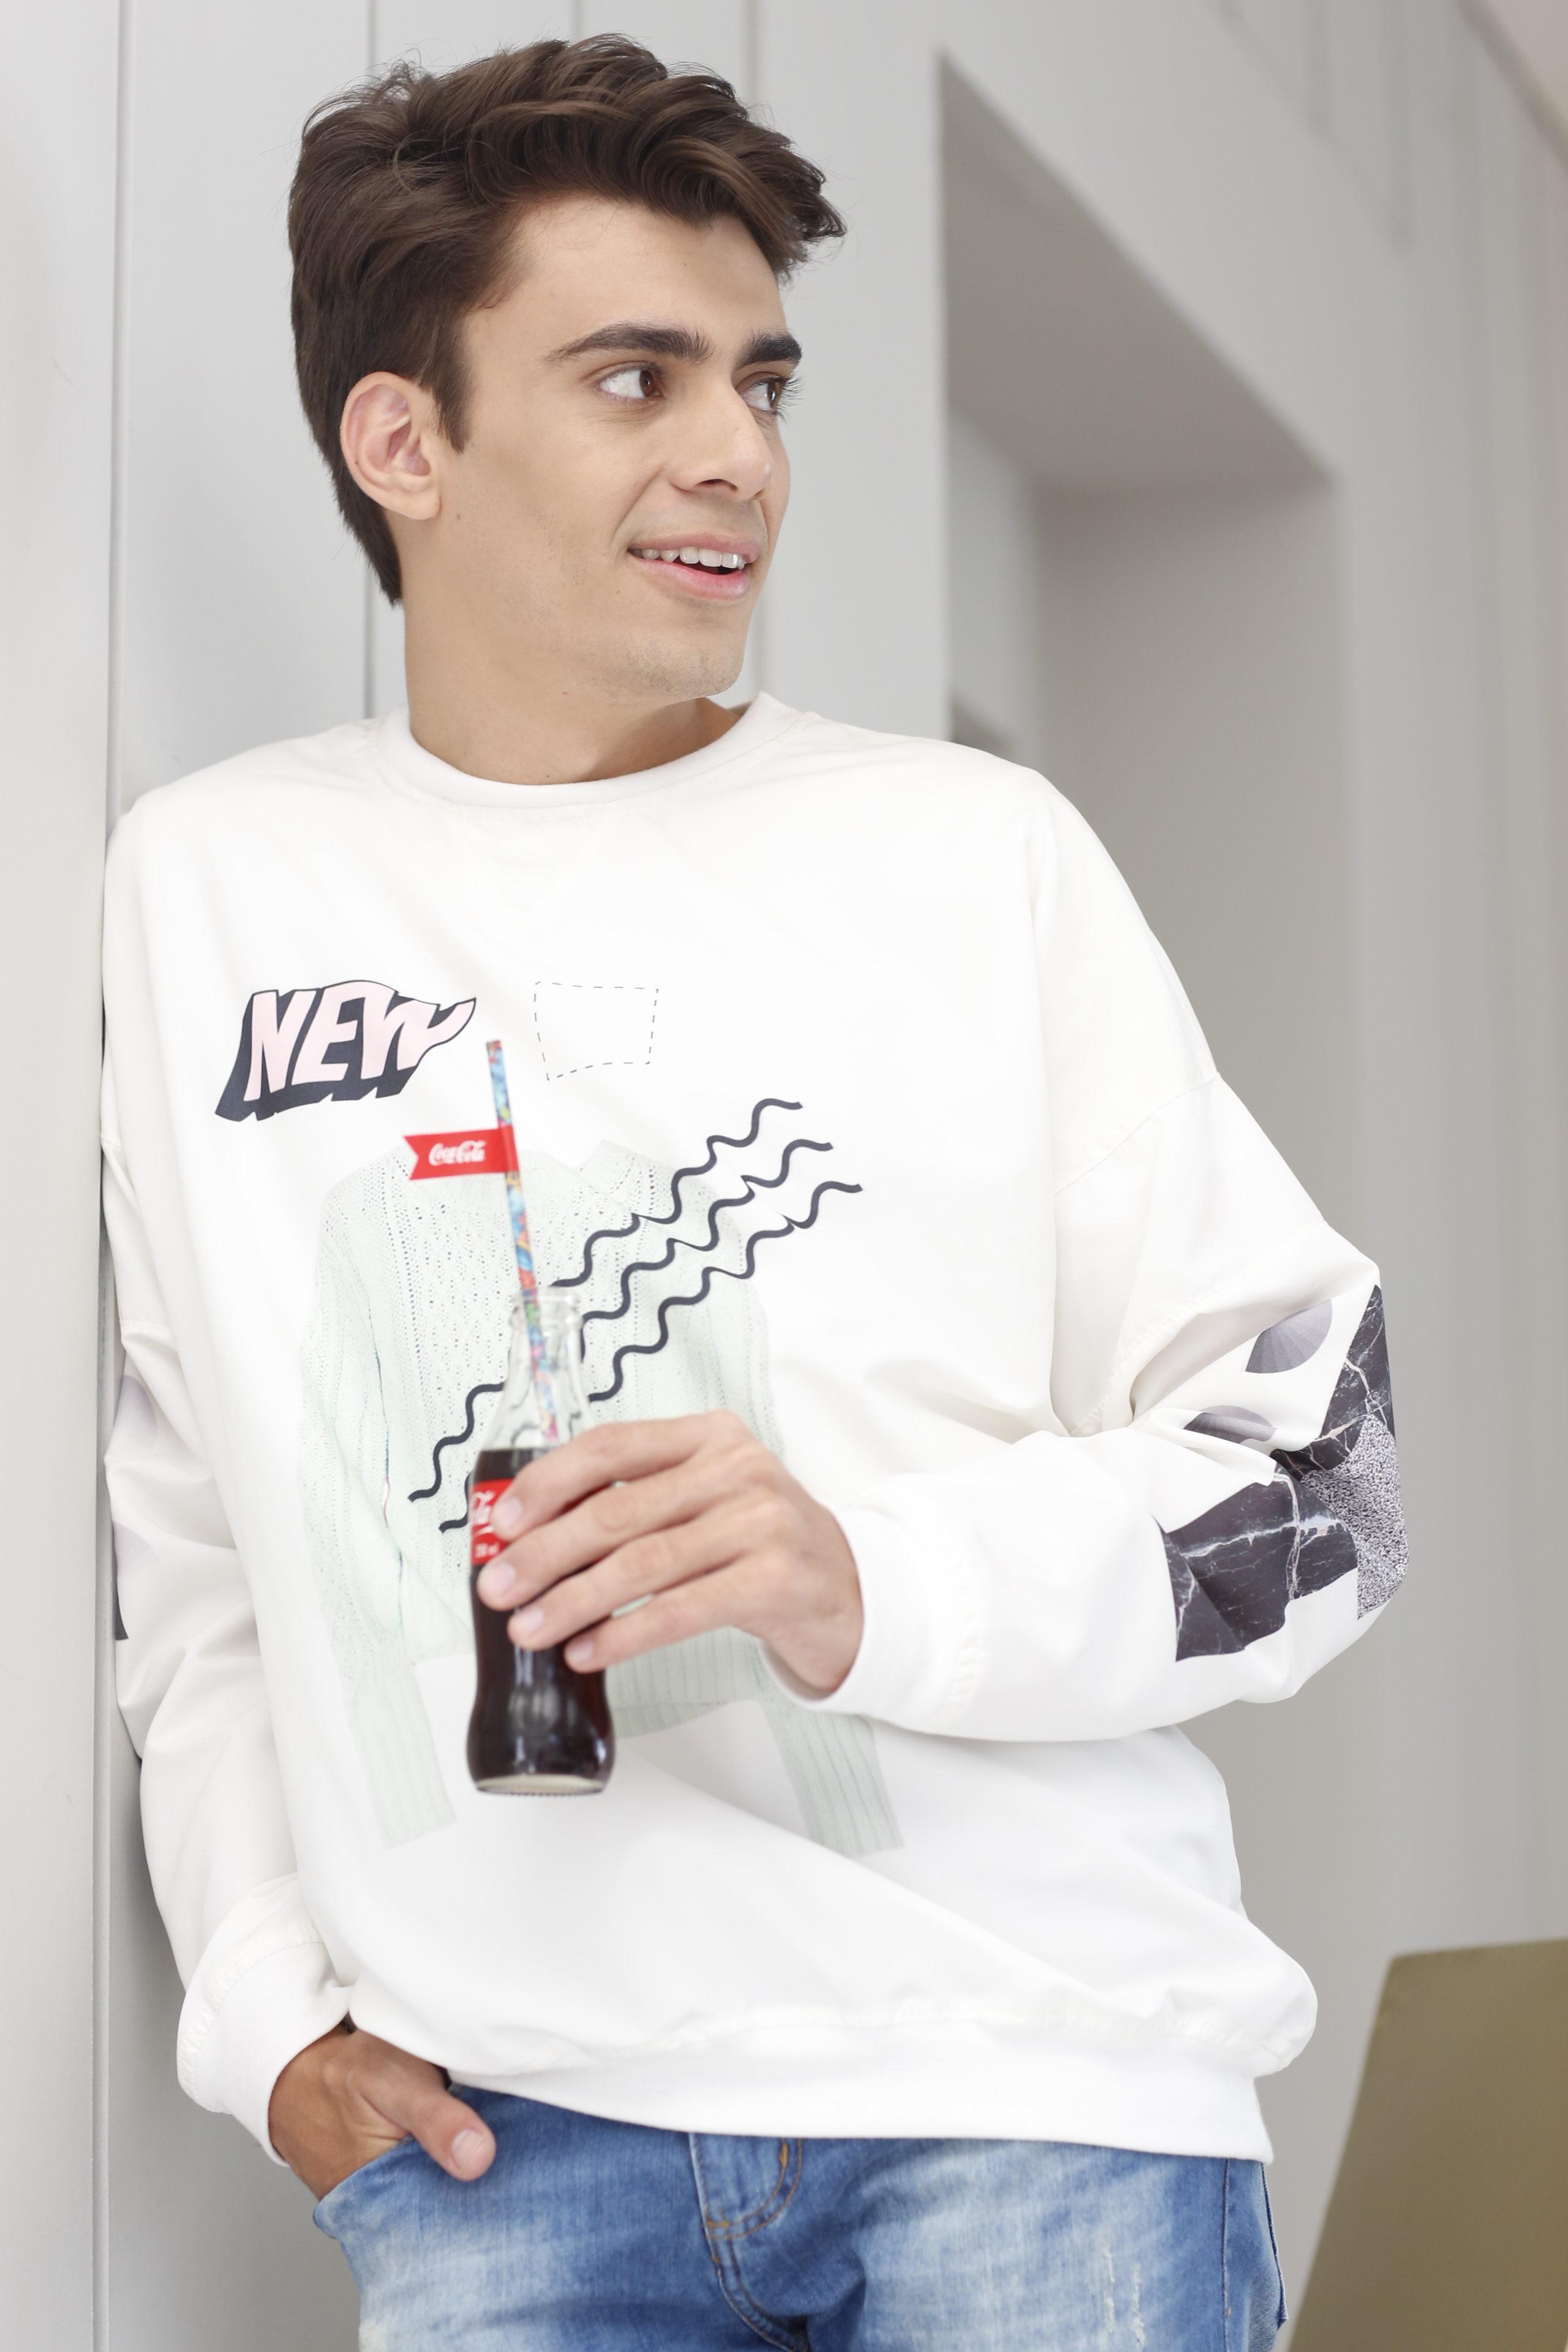 alex-cursino-coca-cola-sinta-o-sabor-fhits-qg-fhits-como-usar-esportivo-look-masculino-dicas-de-moda-blogueiro-de-moda-youtuber-menswear-style-outfit-blogger-brazil-style-tendencia-masc